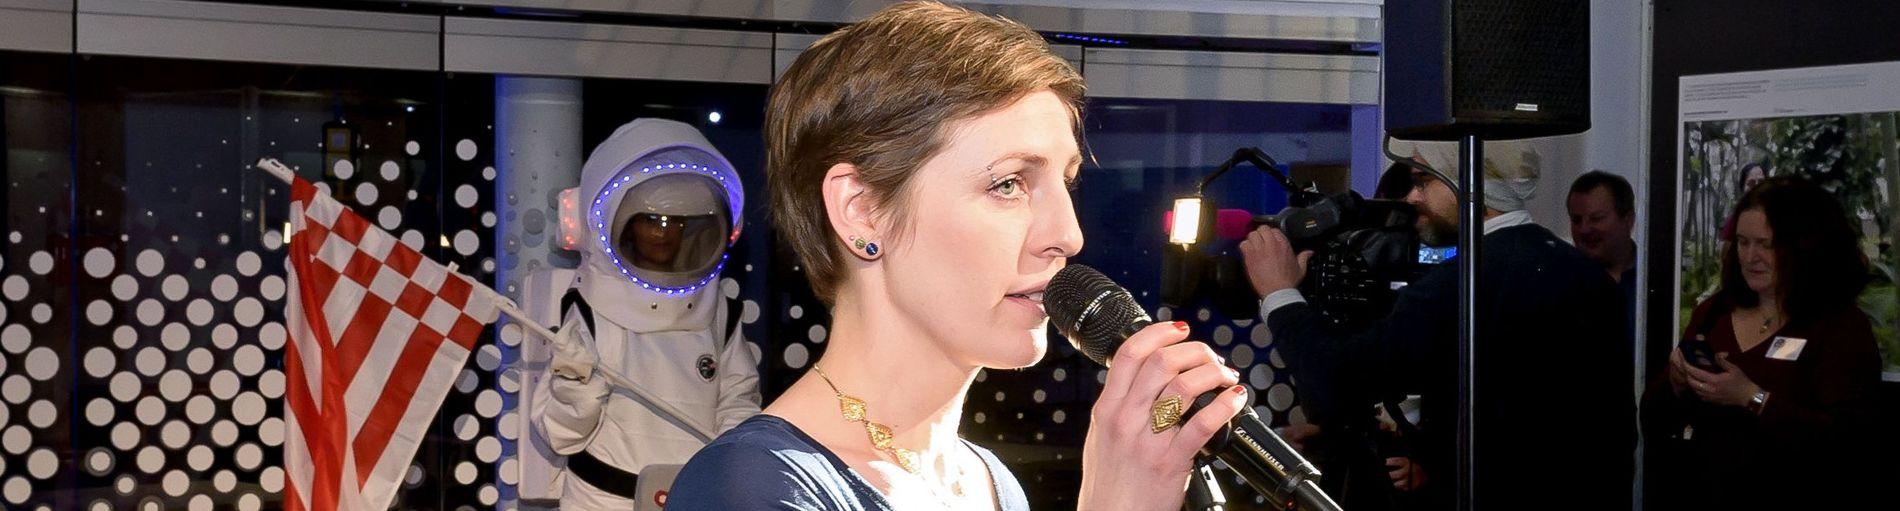 Eine Frau im blauen Kleid spricht in ein Mikrophon